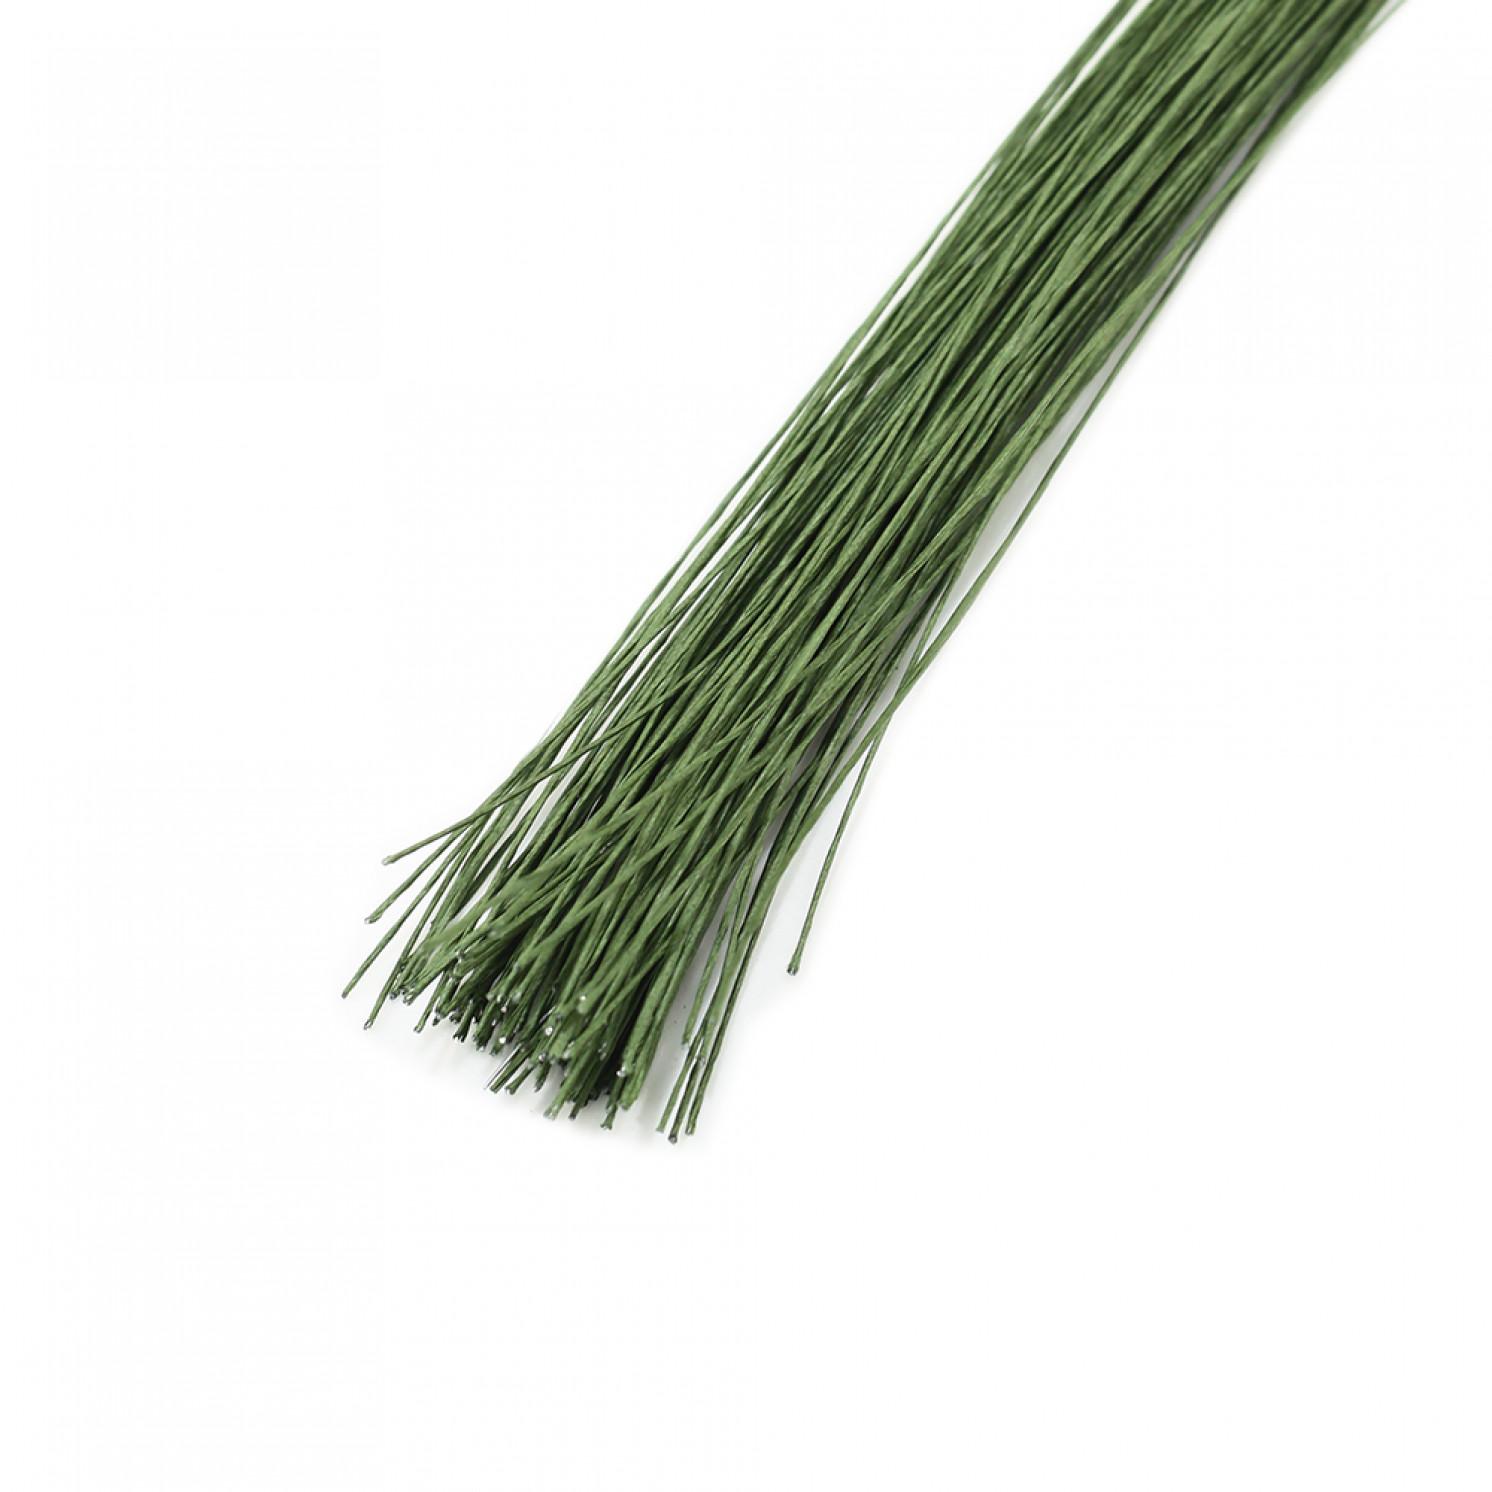 Проволока в бумажной обмотке пучок 80 шт, 36 см D=0,55мм ;№ 24 Темно-зеленая